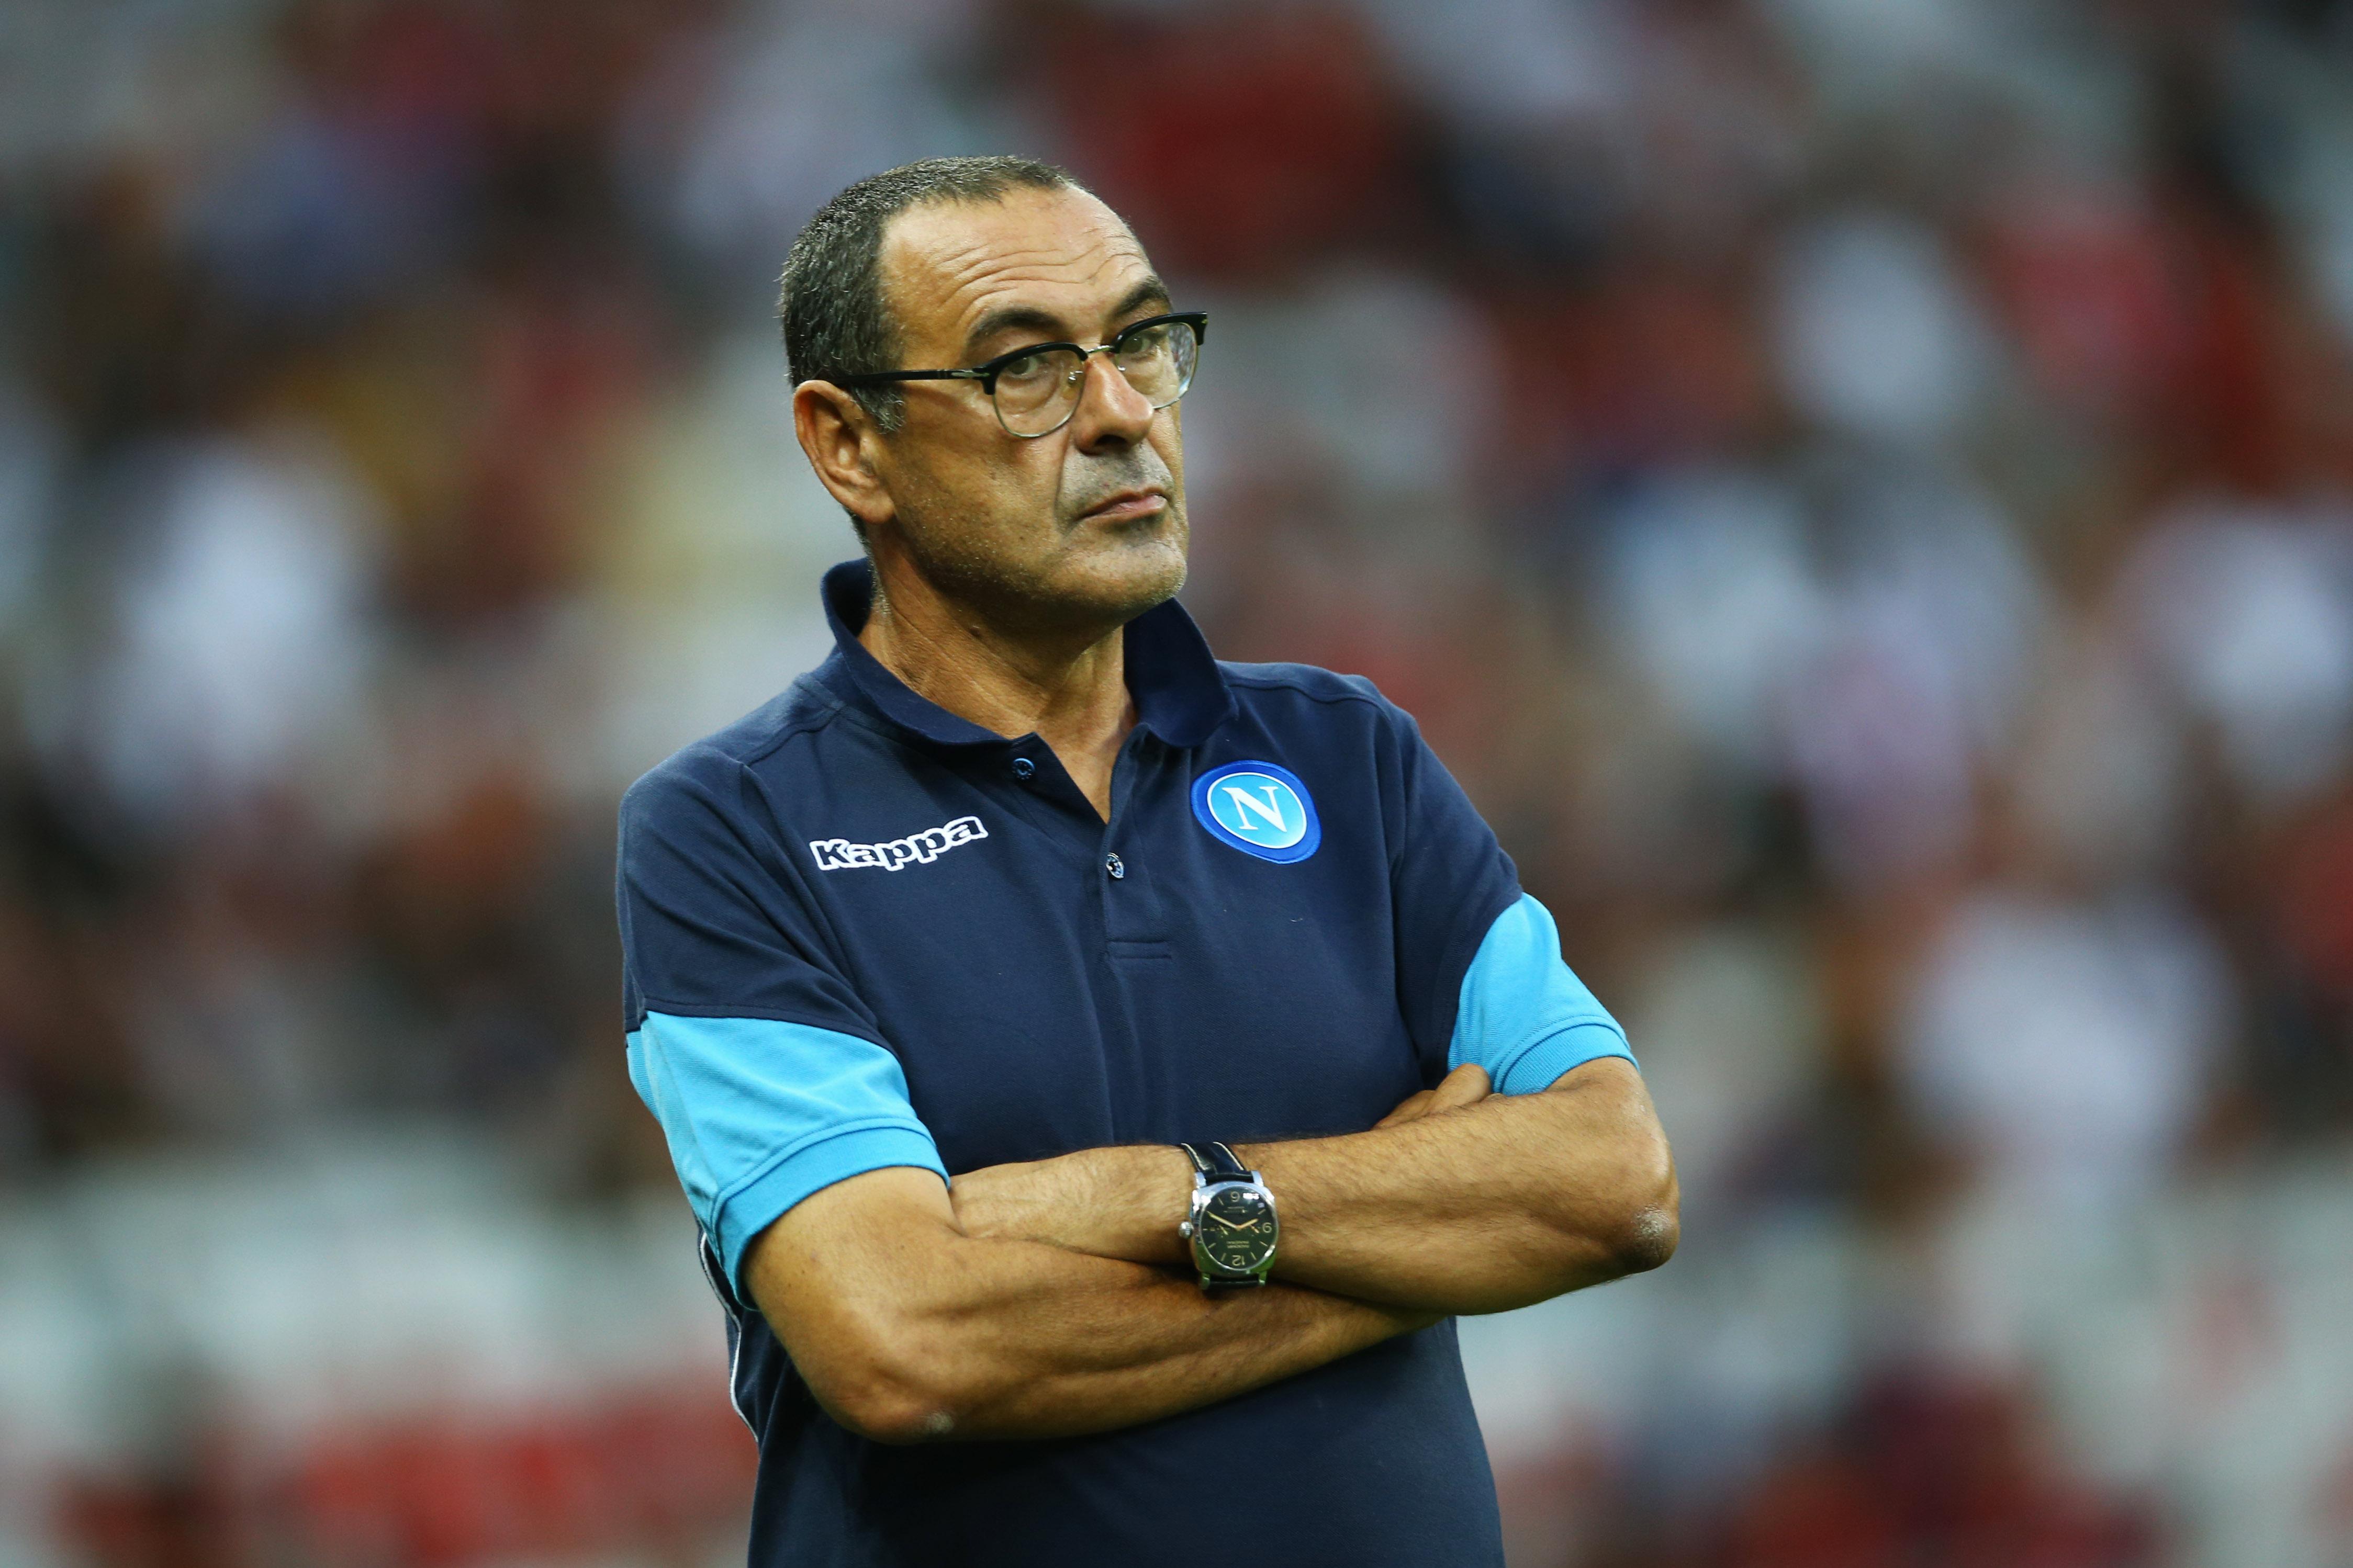 [Serie A] Naples, en attendant l'apogée ?